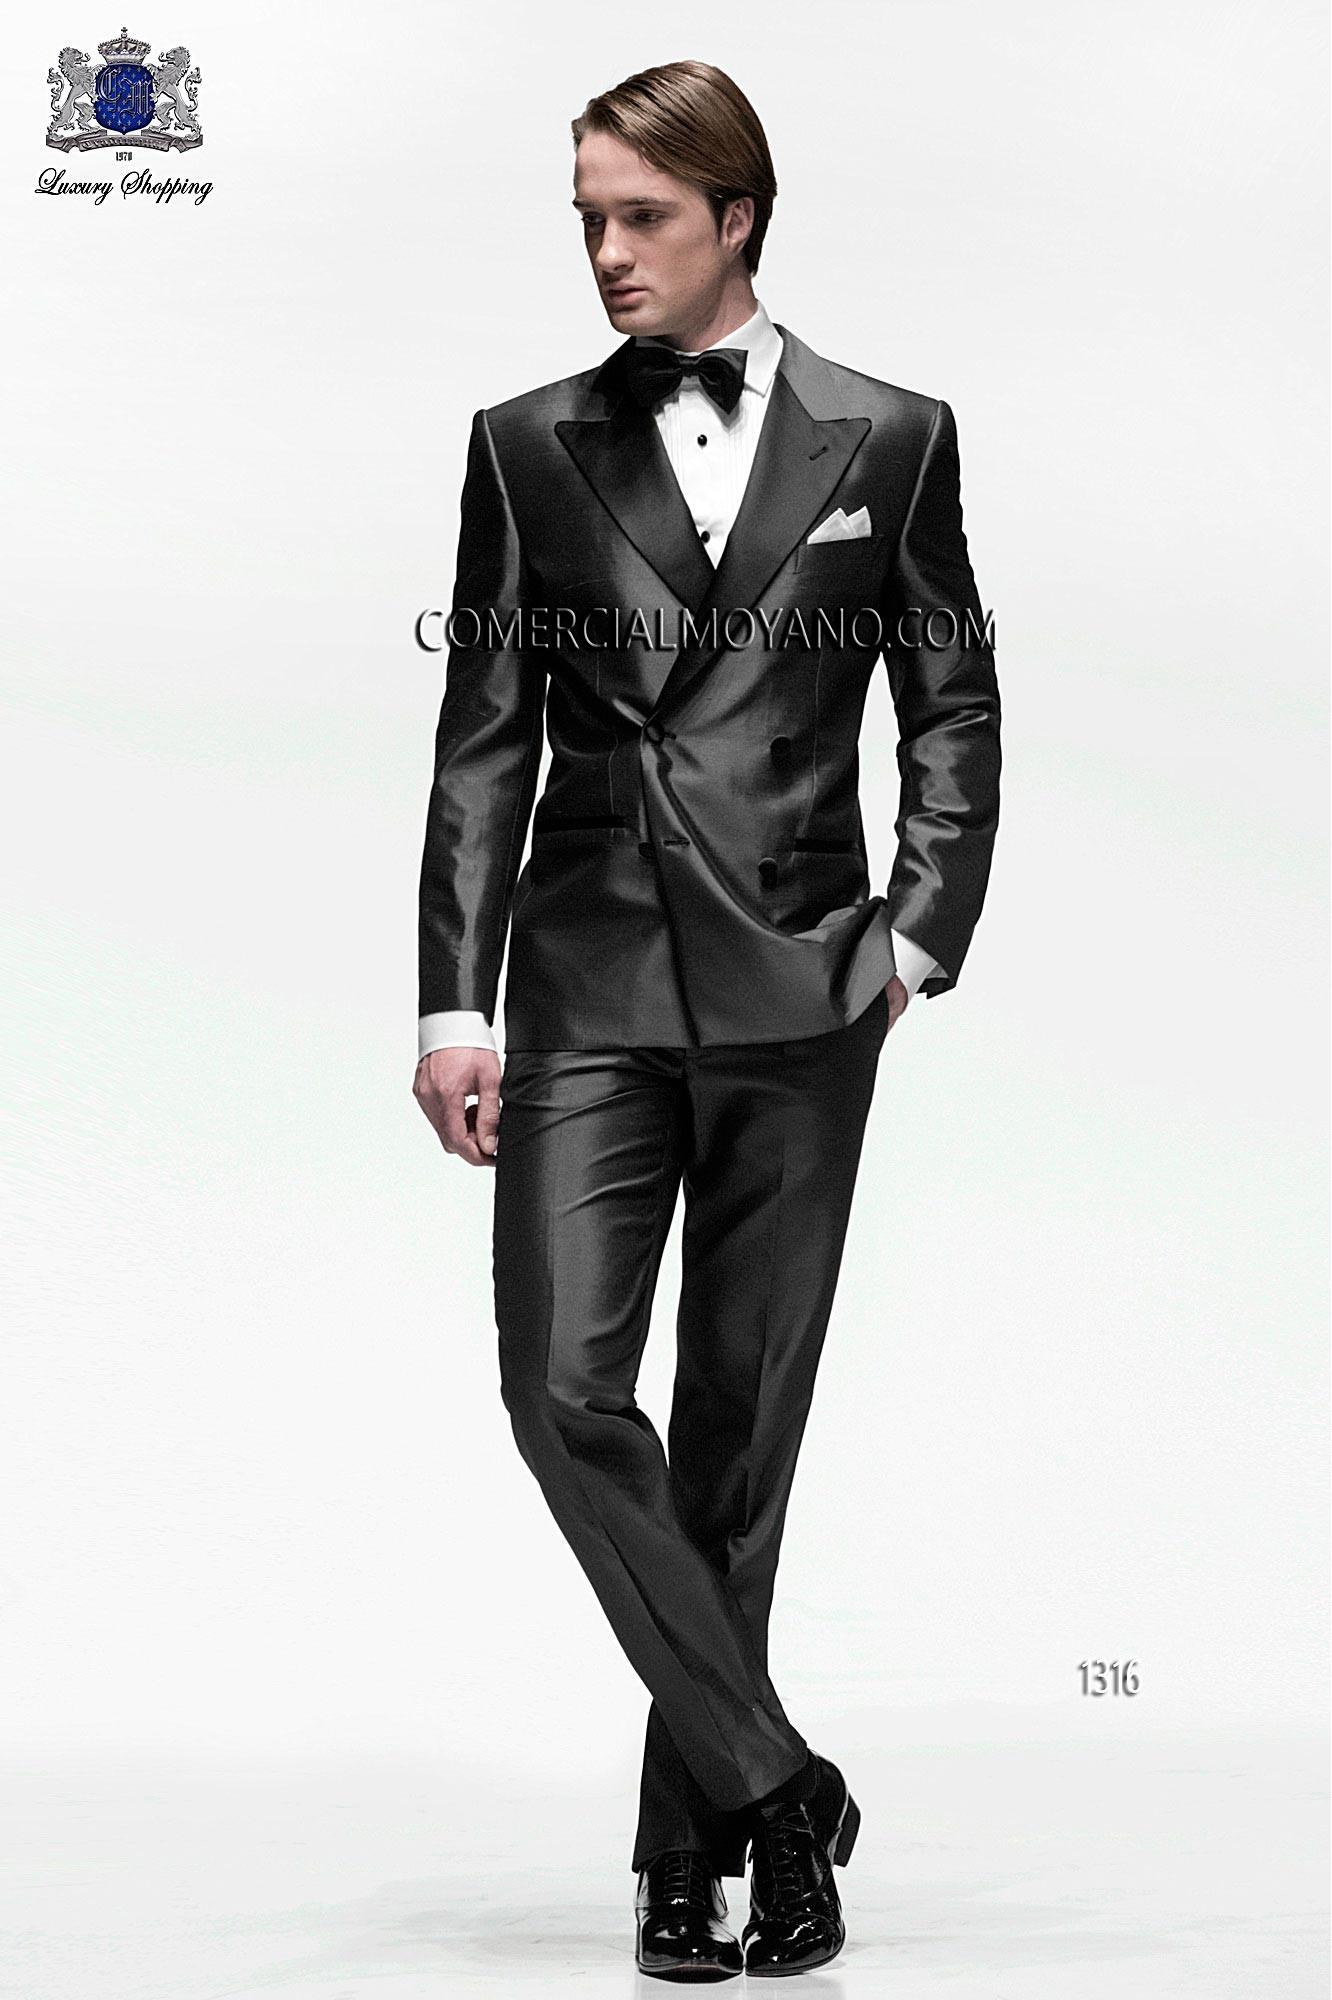 Traje de fiesta hombre gris modelo: 1316 Ottavio Nuccio Gala colección Black Tie